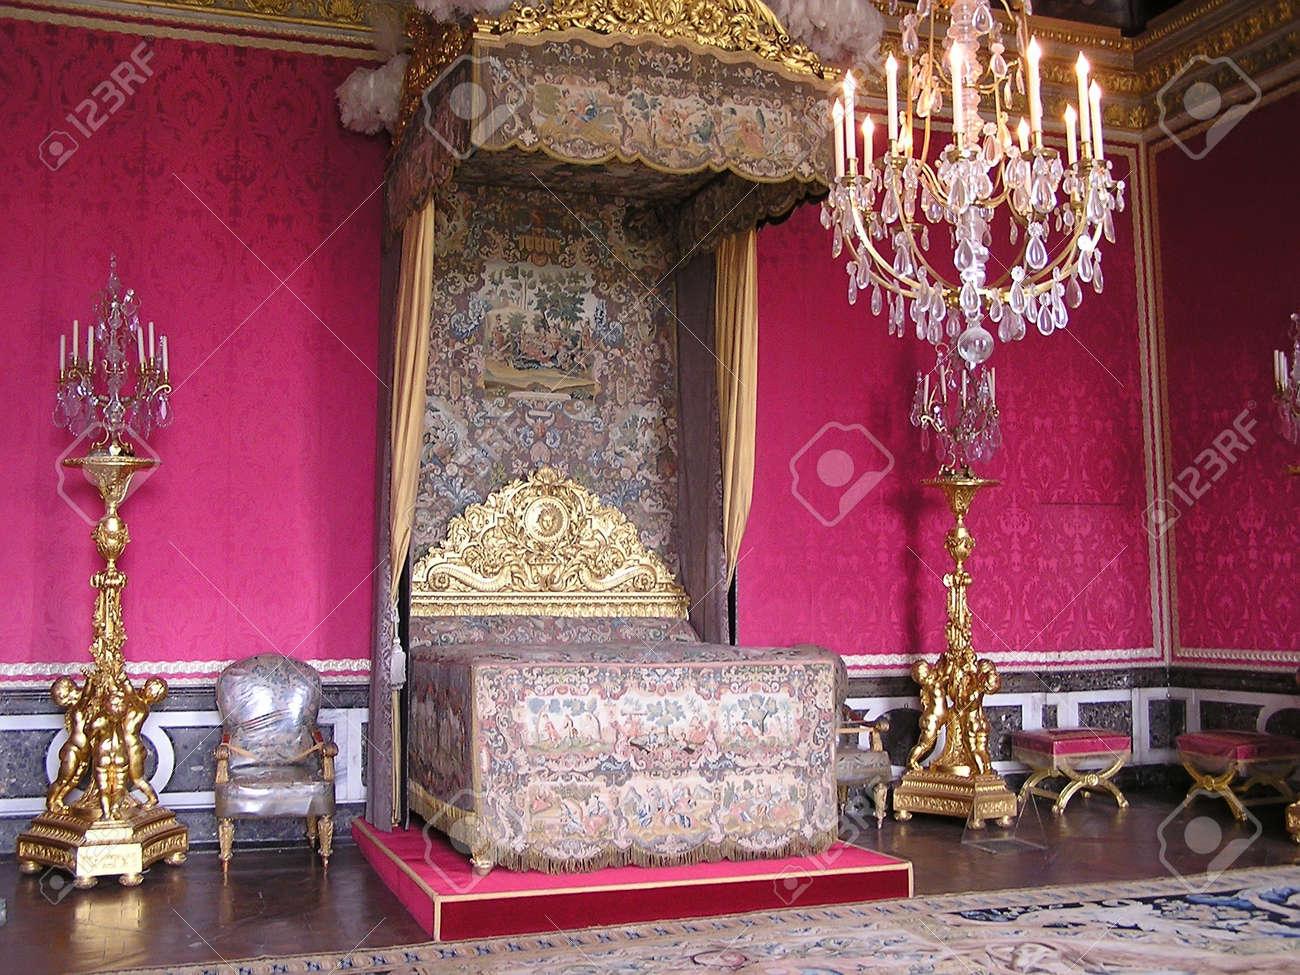 paris - may 4: queen marie-antoinette schlafzimmer im schloss von, Schlafzimmer entwurf